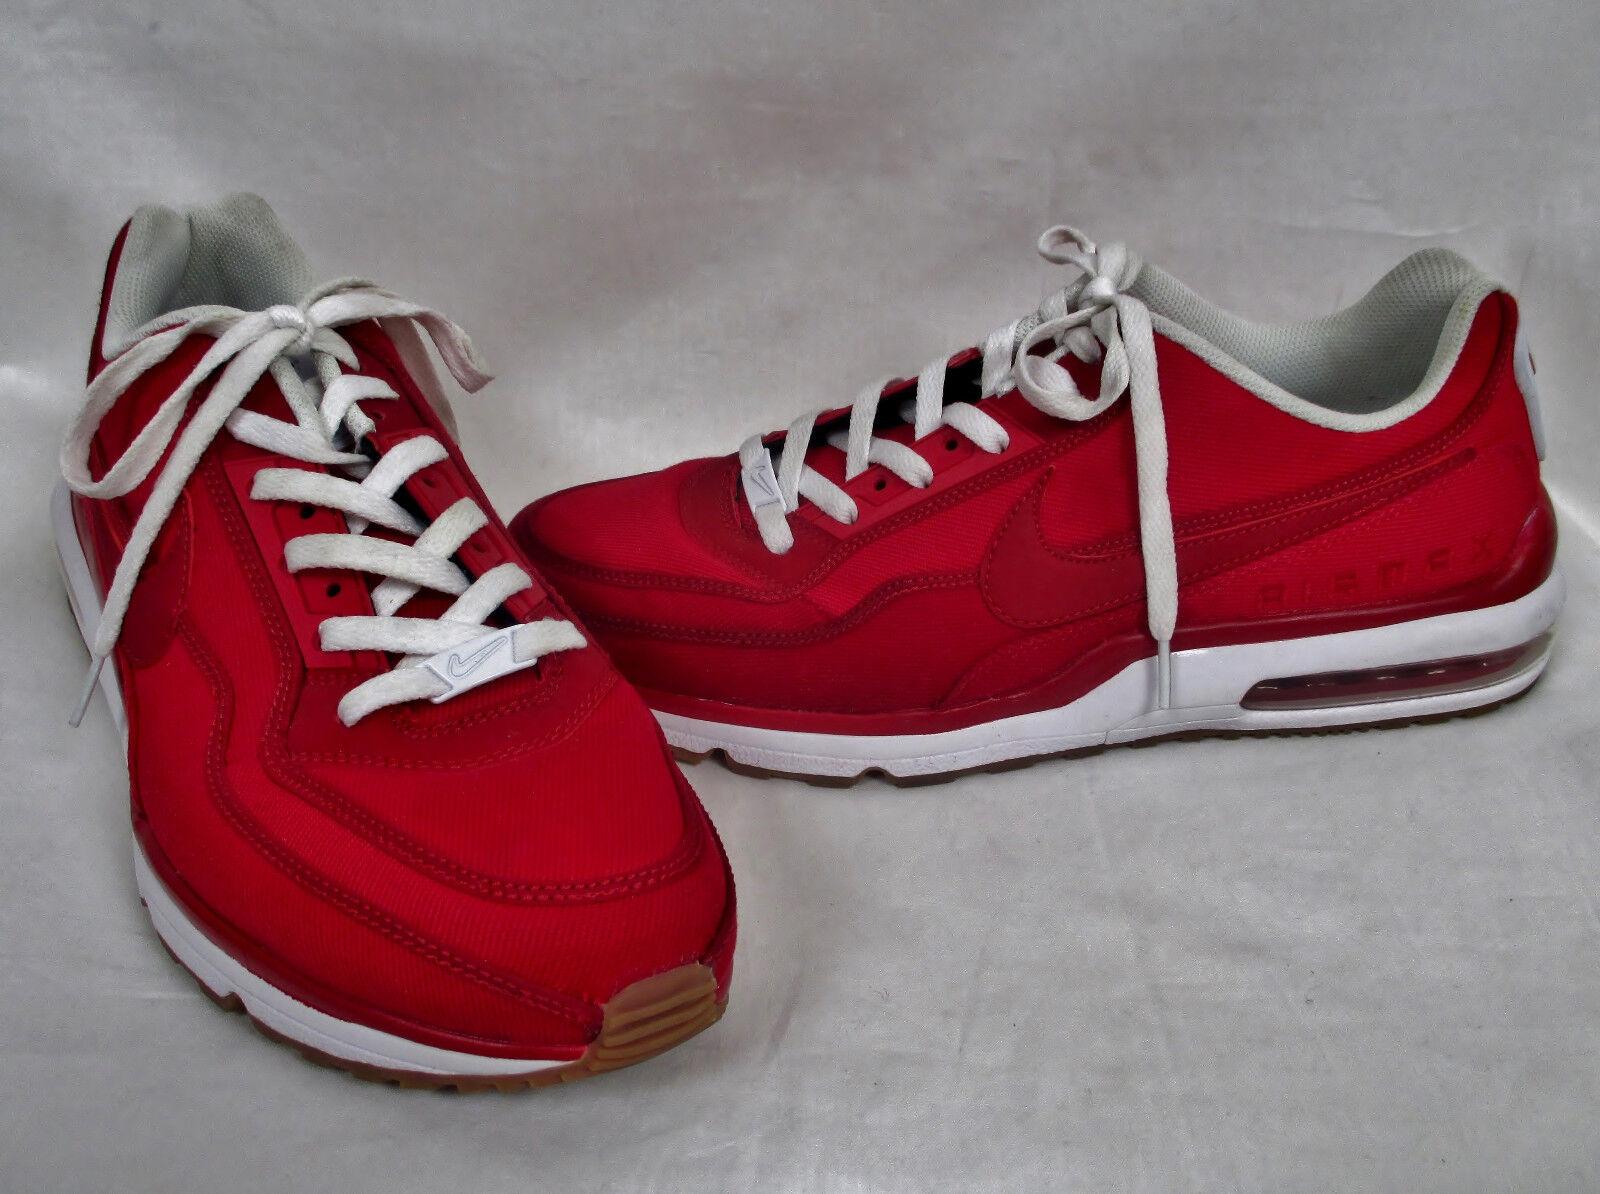 Nike airmax 2015 Uomo rosso - bianco 746379-612 di scarpe da ginnastica ginnastica scarpe da ginnastica sz 13